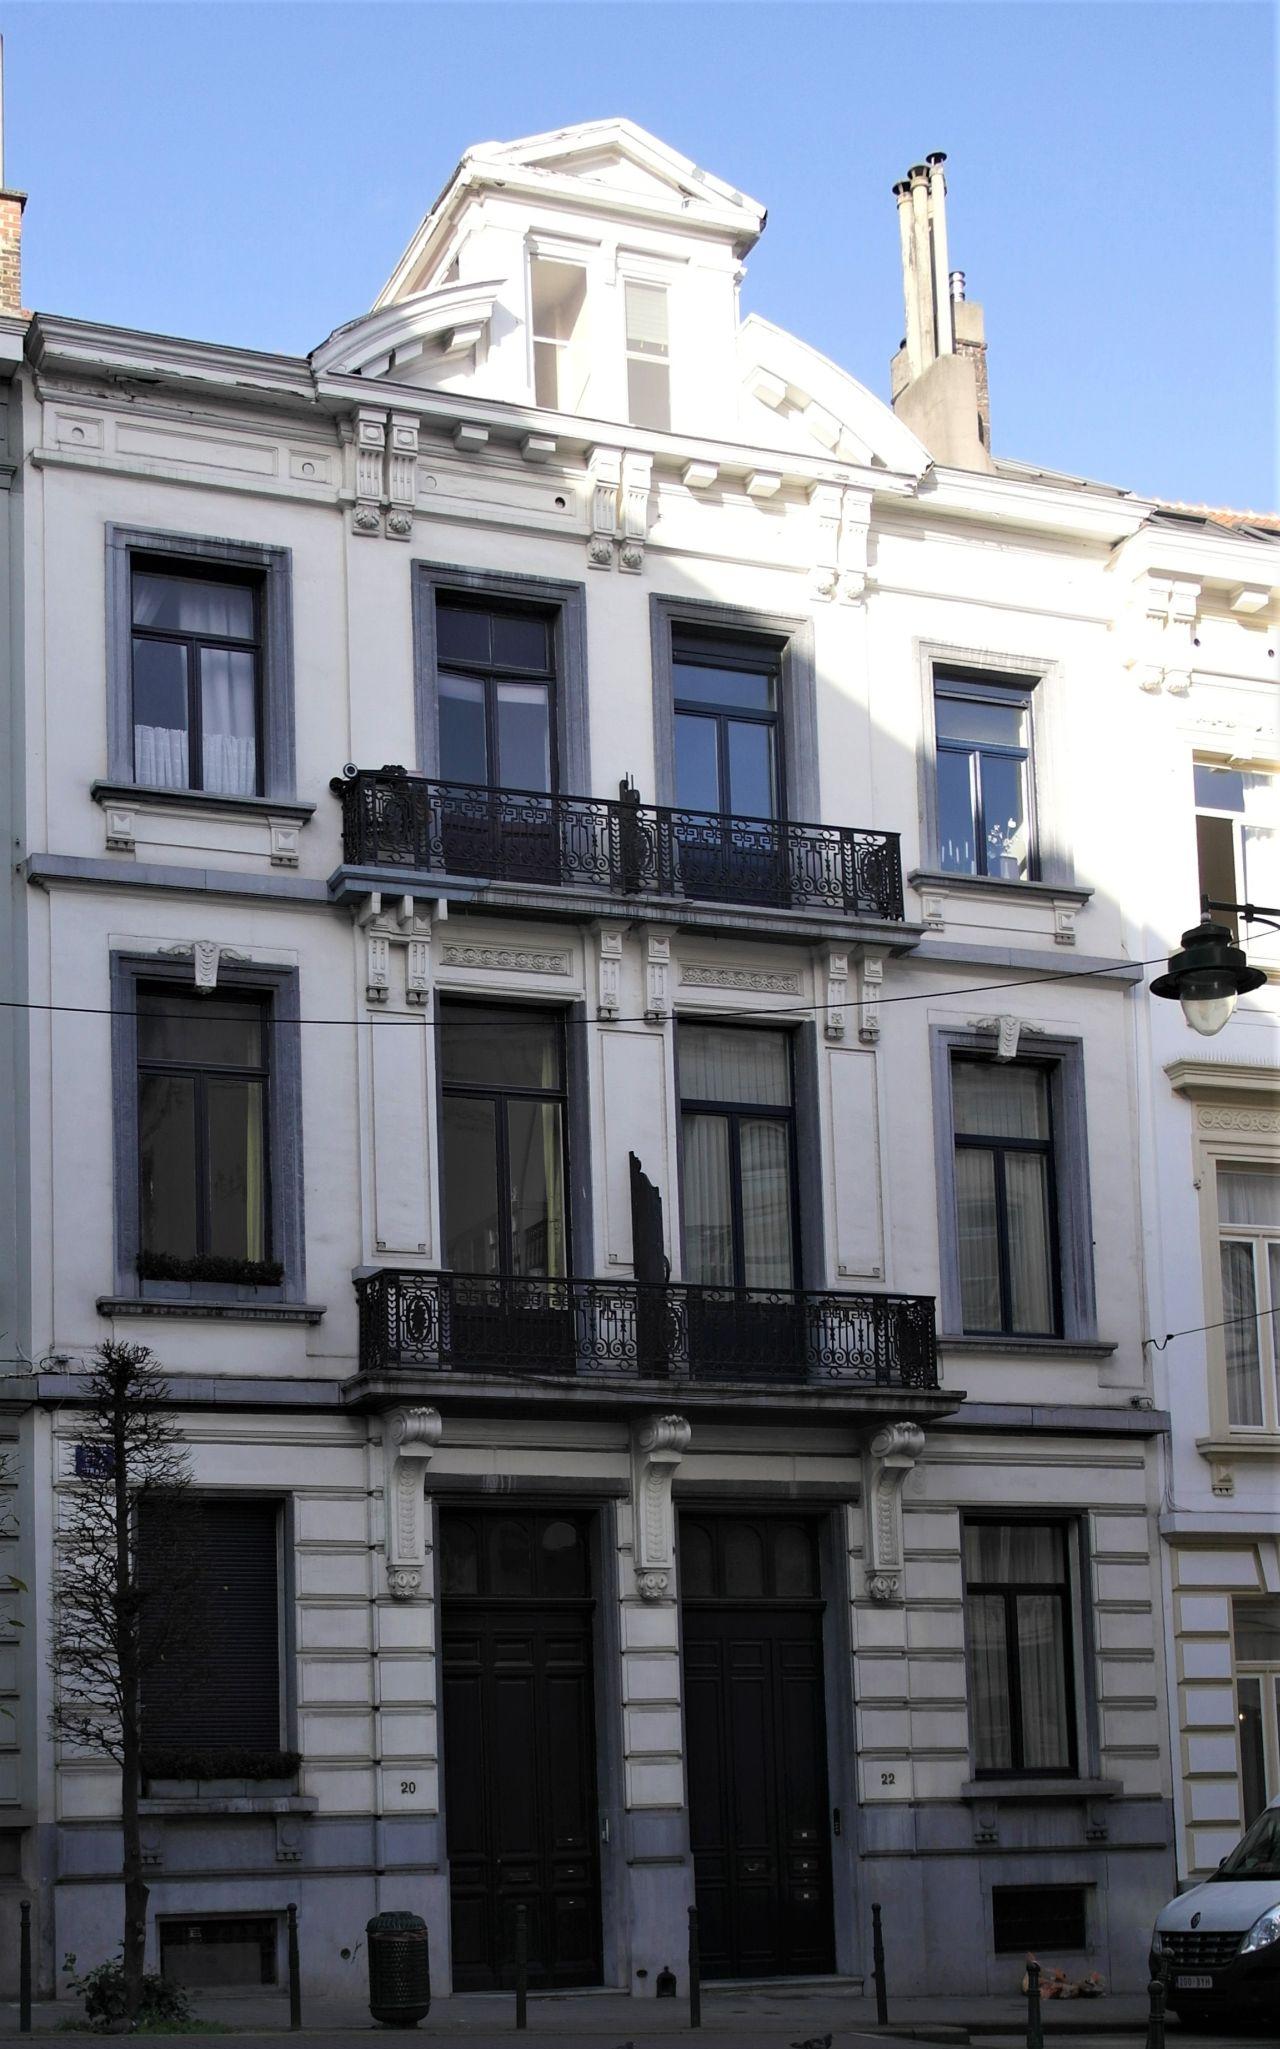 Rue de Spa 20, 22, 2020